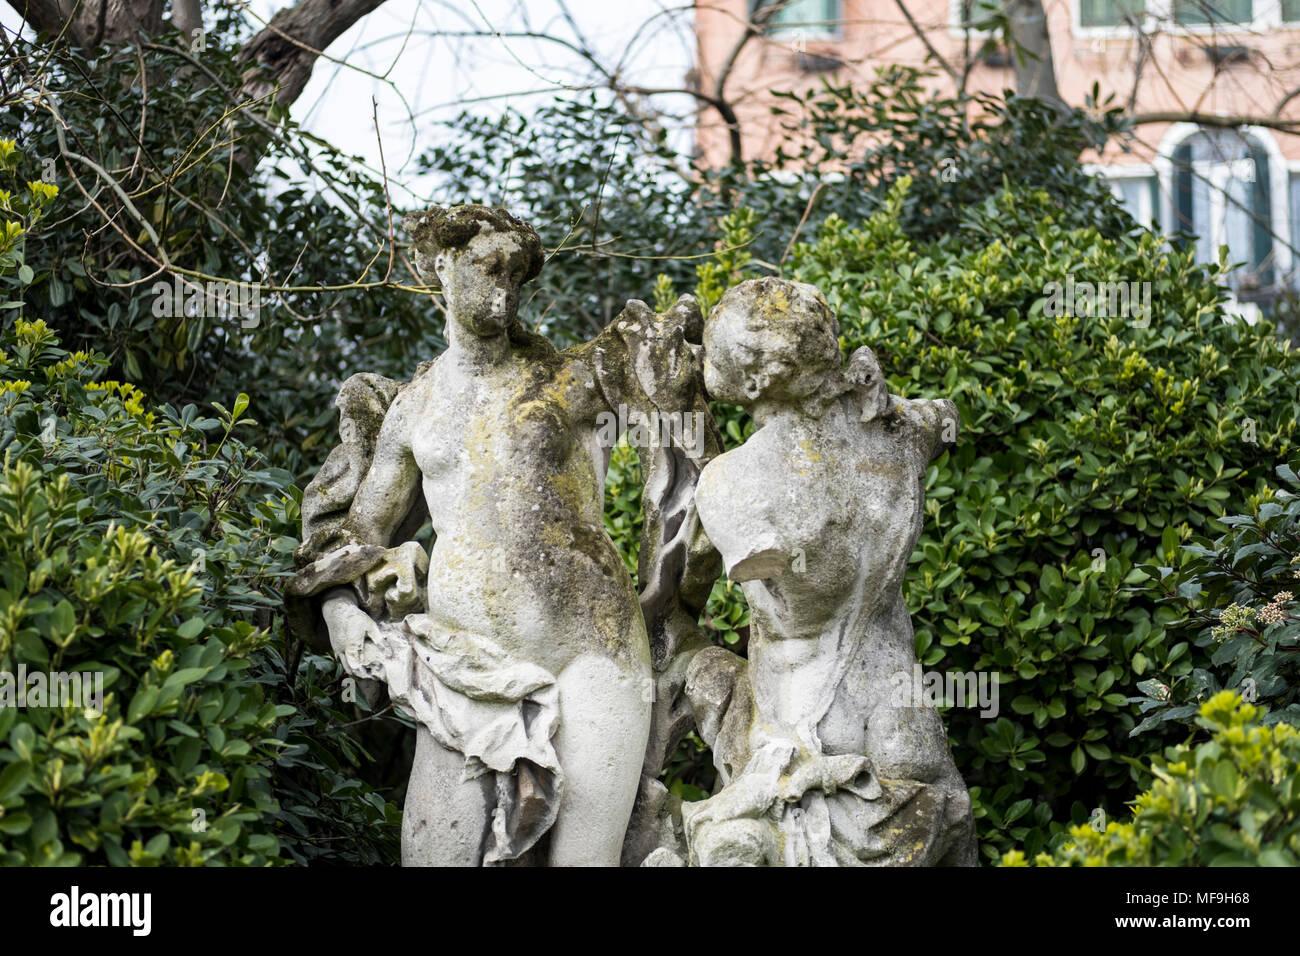 Statue of lovers at Giardini della Biennale, venice, Italy - Stock Image